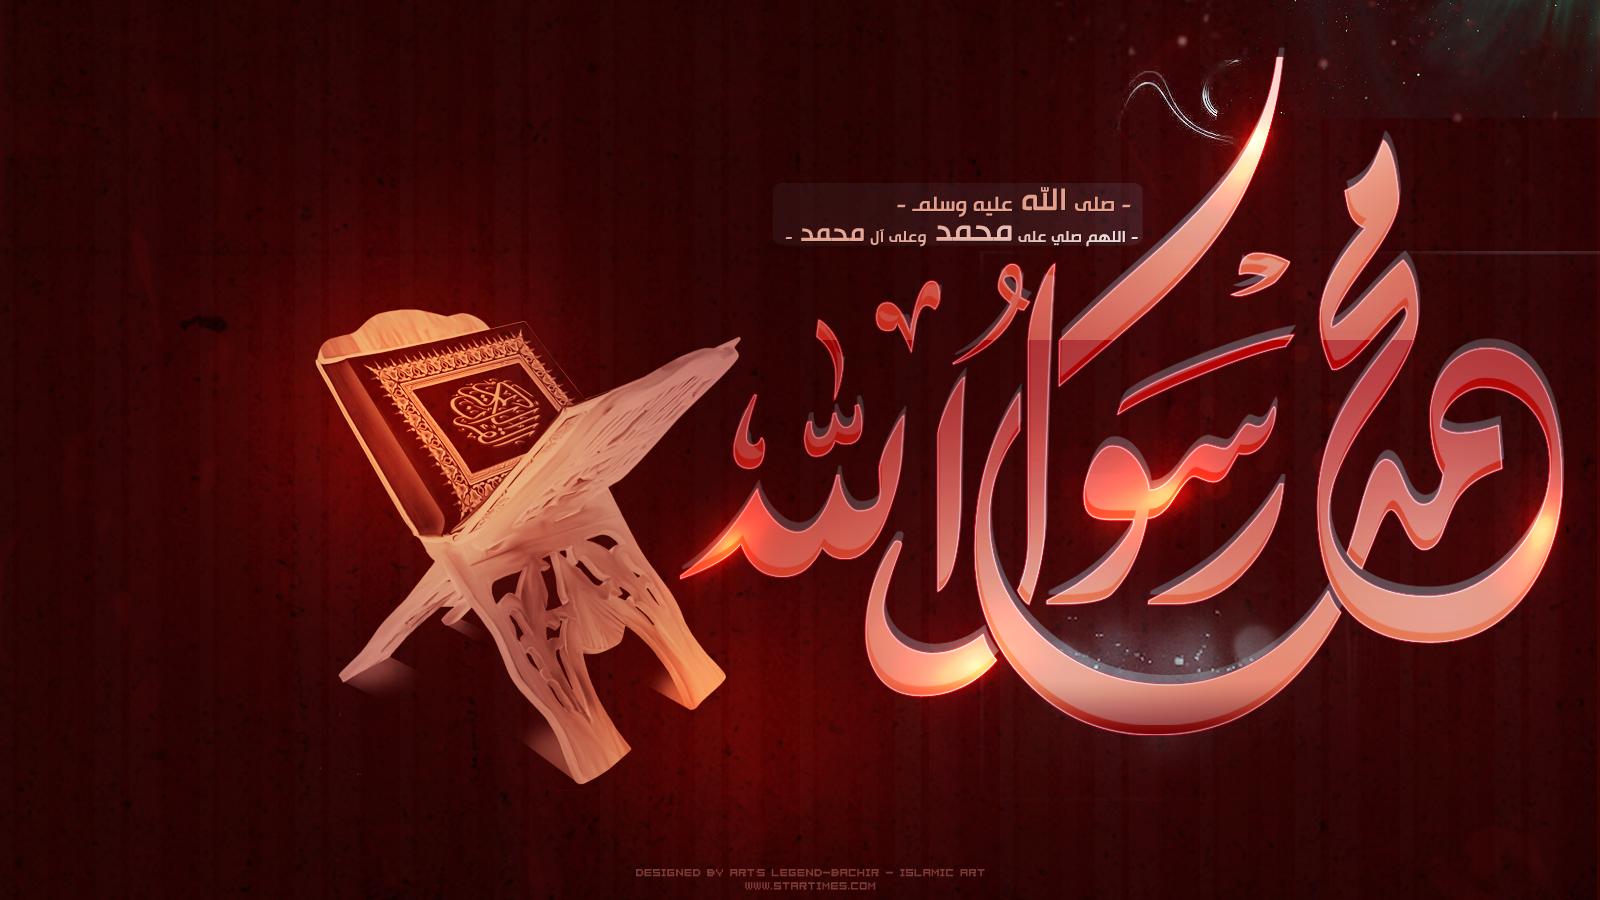 صورة عالية الجودة للتحميل محمد رسول الله صلى الله عليه و سلم